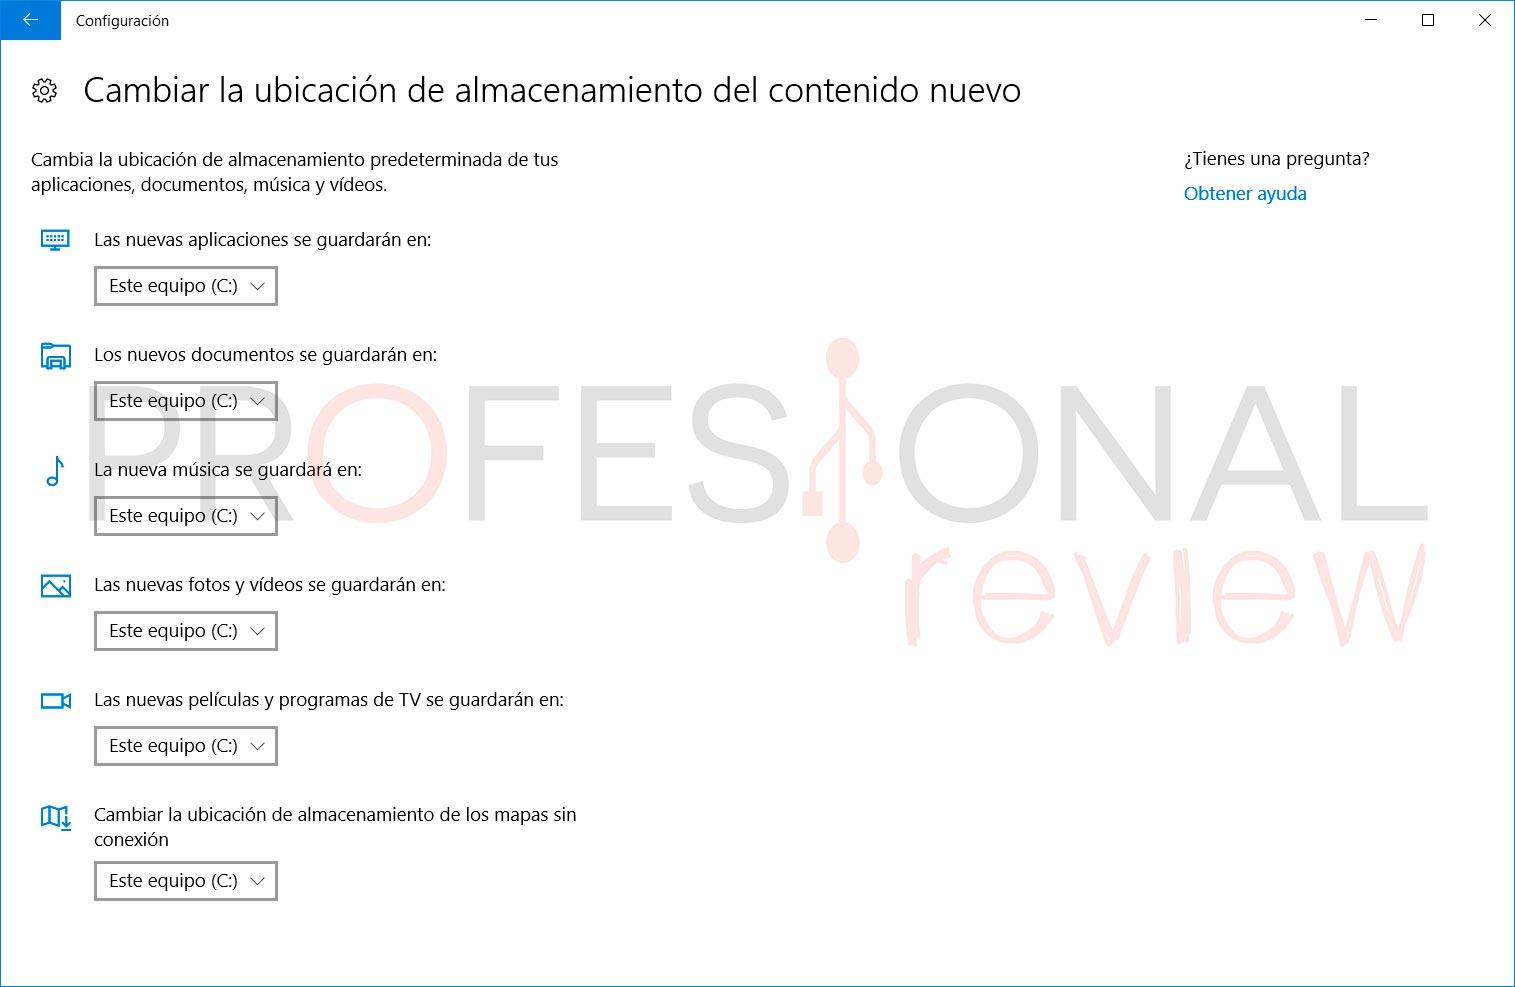 Cómo cambiar la unidad de almacenamiento predeterminada en Windows 10